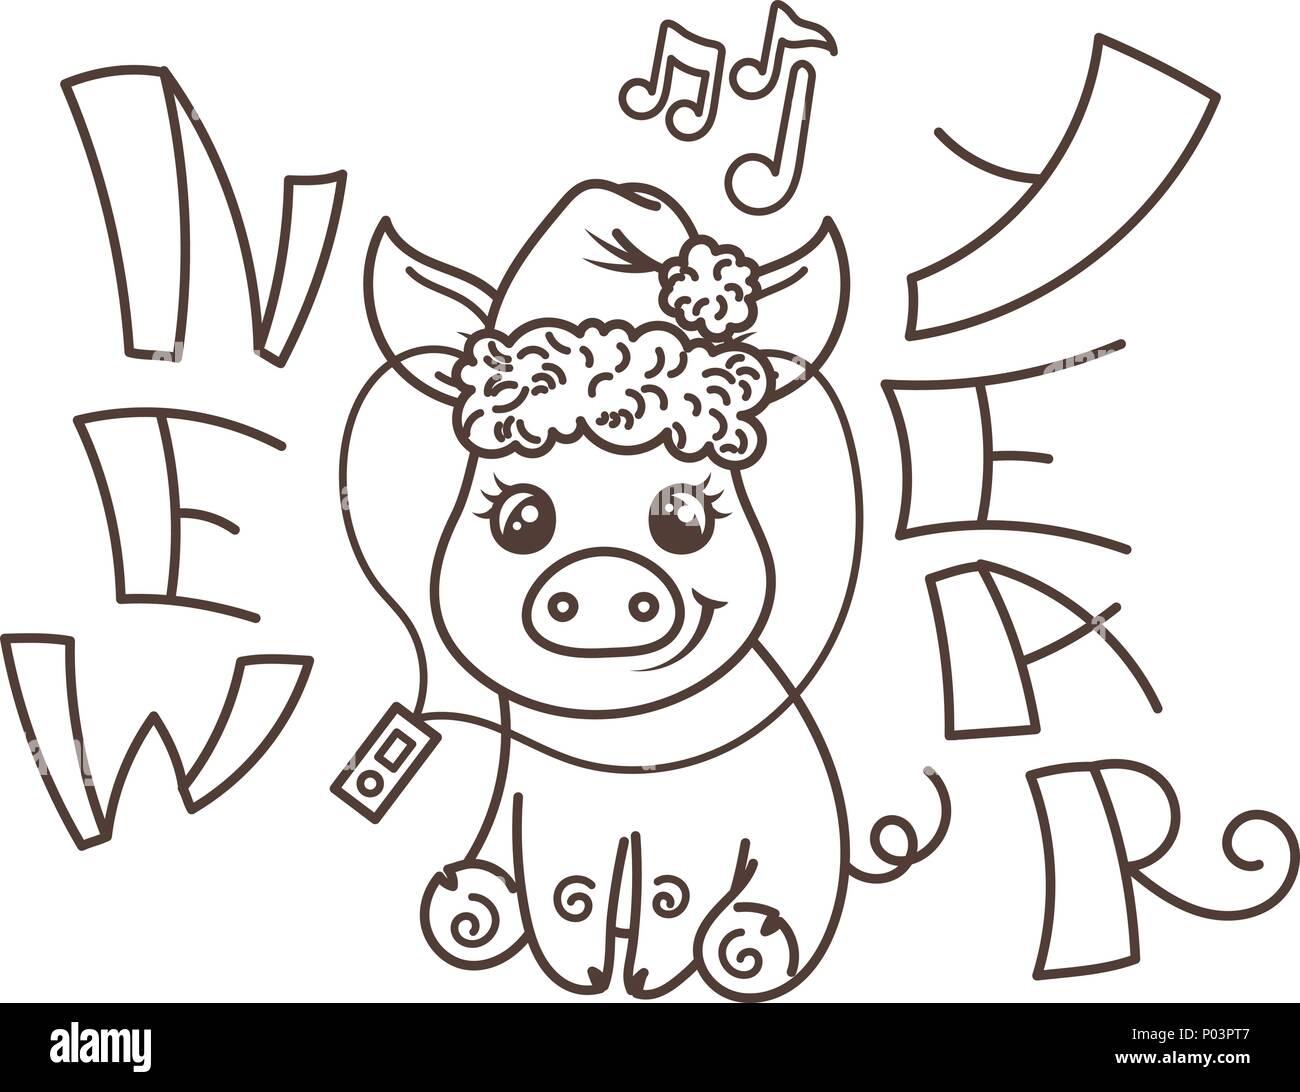 Fein Frohes Neues Jahr Färbung Seite Fotos - Malvorlagen Von Tieren ...